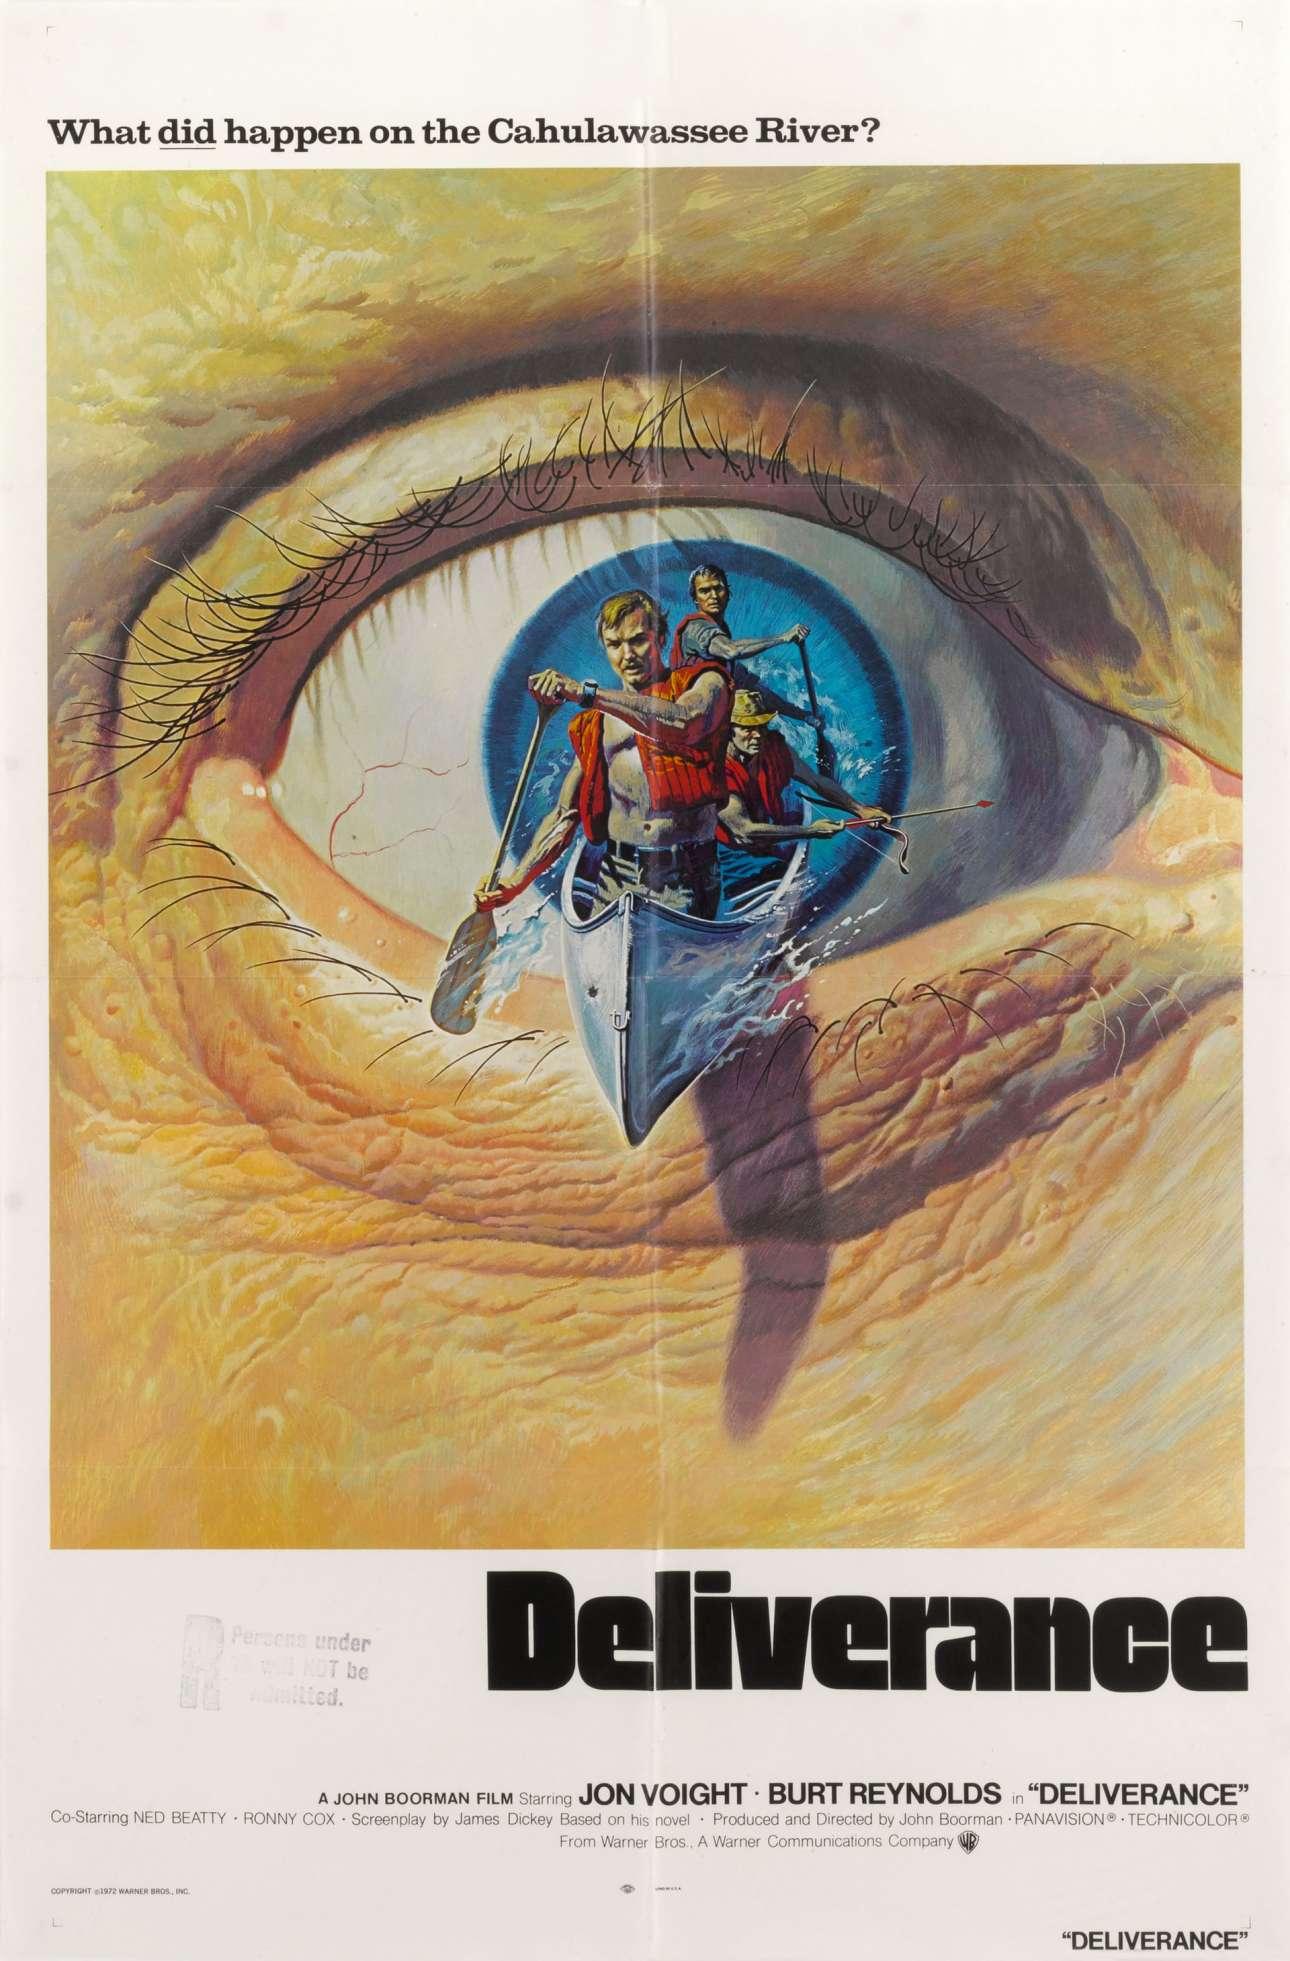 «Οταν Ξέσπασε η Βία» (Deliverance), 1972. Η αφίσα που κυκλοφόρησε στις ΗΠΑ έδειχνε χέρια κρατώντας τουφέκια να ξεπροβάλλουν από το ποτάμι. Ωστόσο, οι υπεύθυνοι για τη διεθνή καμπάνια ήθελαν κάτι λίγο πιο δυναμικό να αναπαριστά μια ταινία για ένα ταξίδι με κανό που μετατρέπεται σε κόλαση. Σκέφτηκα λοιπόν ότι θα ήταν υπέροχο αν είχε μια τρισδιάστατη ποιότητα και το κανό έμοιαζε να βγαίνει από το μάτι ενός από τους χαρακτήρες του νότου»